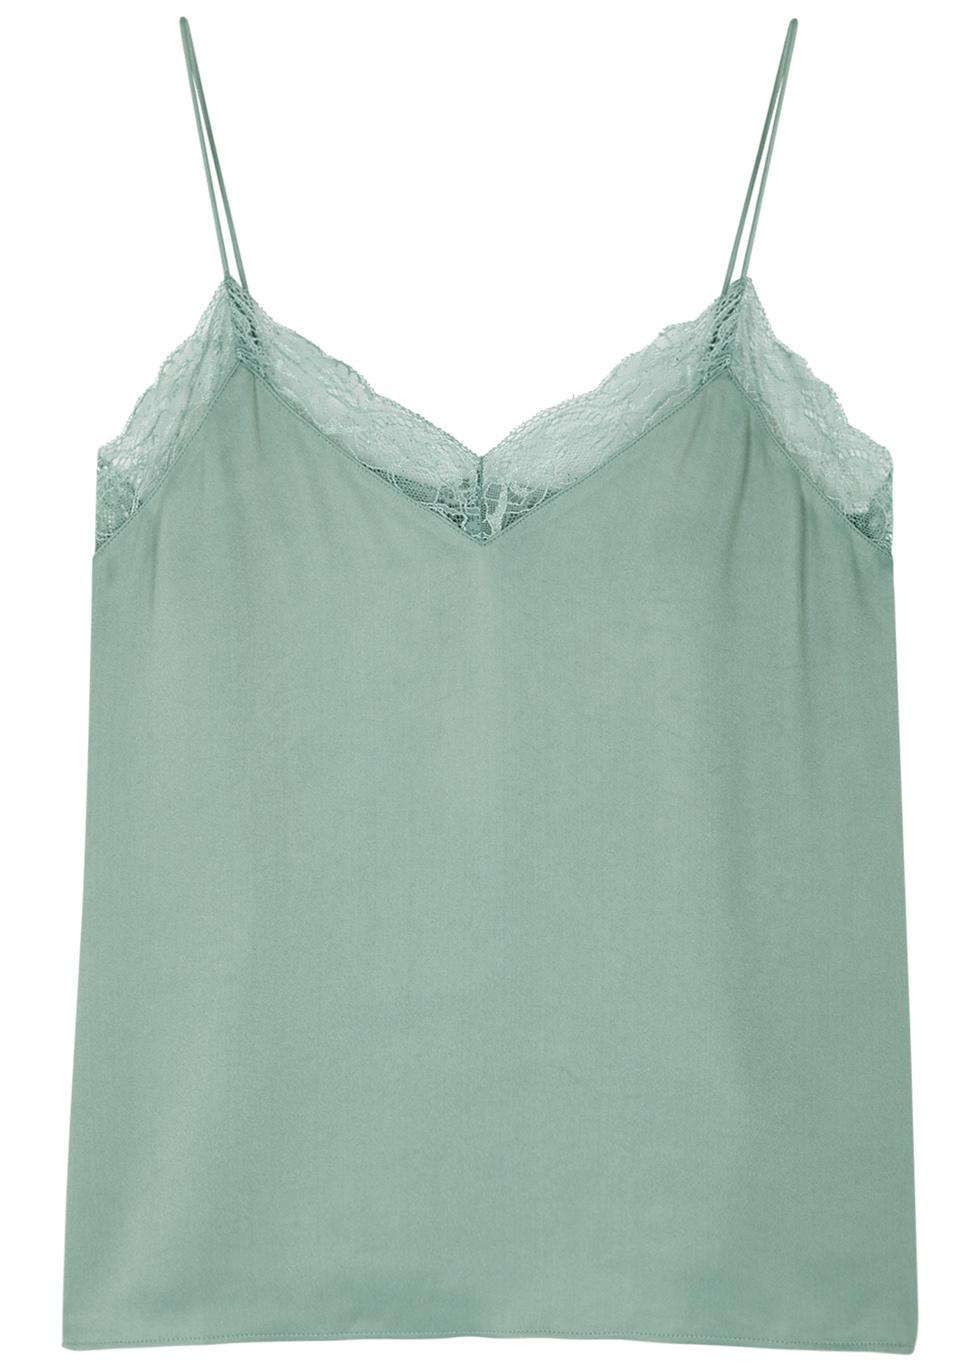 SAMS0E & SAMS0E Biafade Lace-Trimmed Satin Top in Green